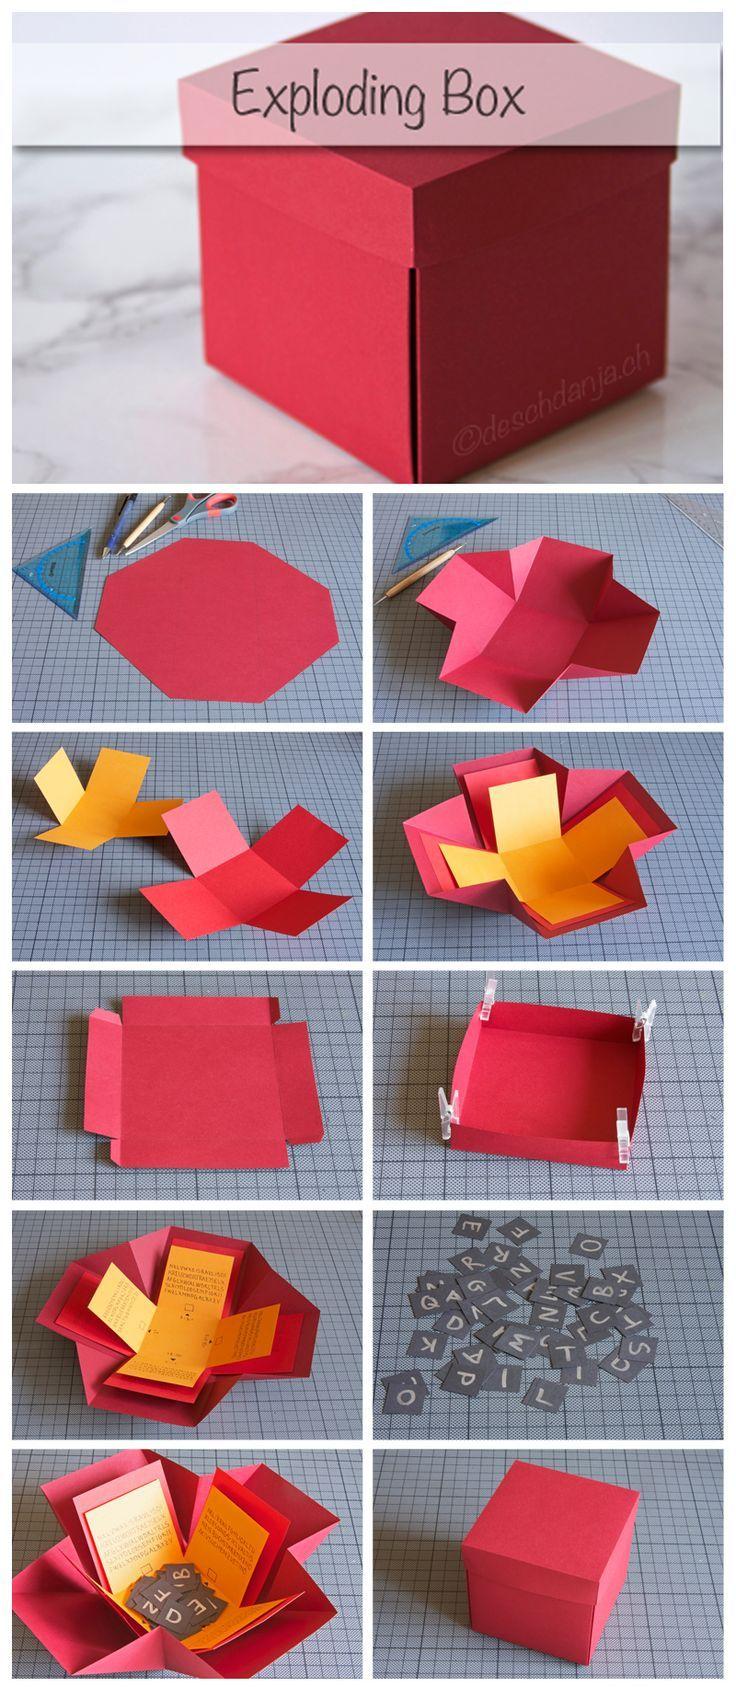 Exploding Box Deschdanjach Kreativ Blog 142